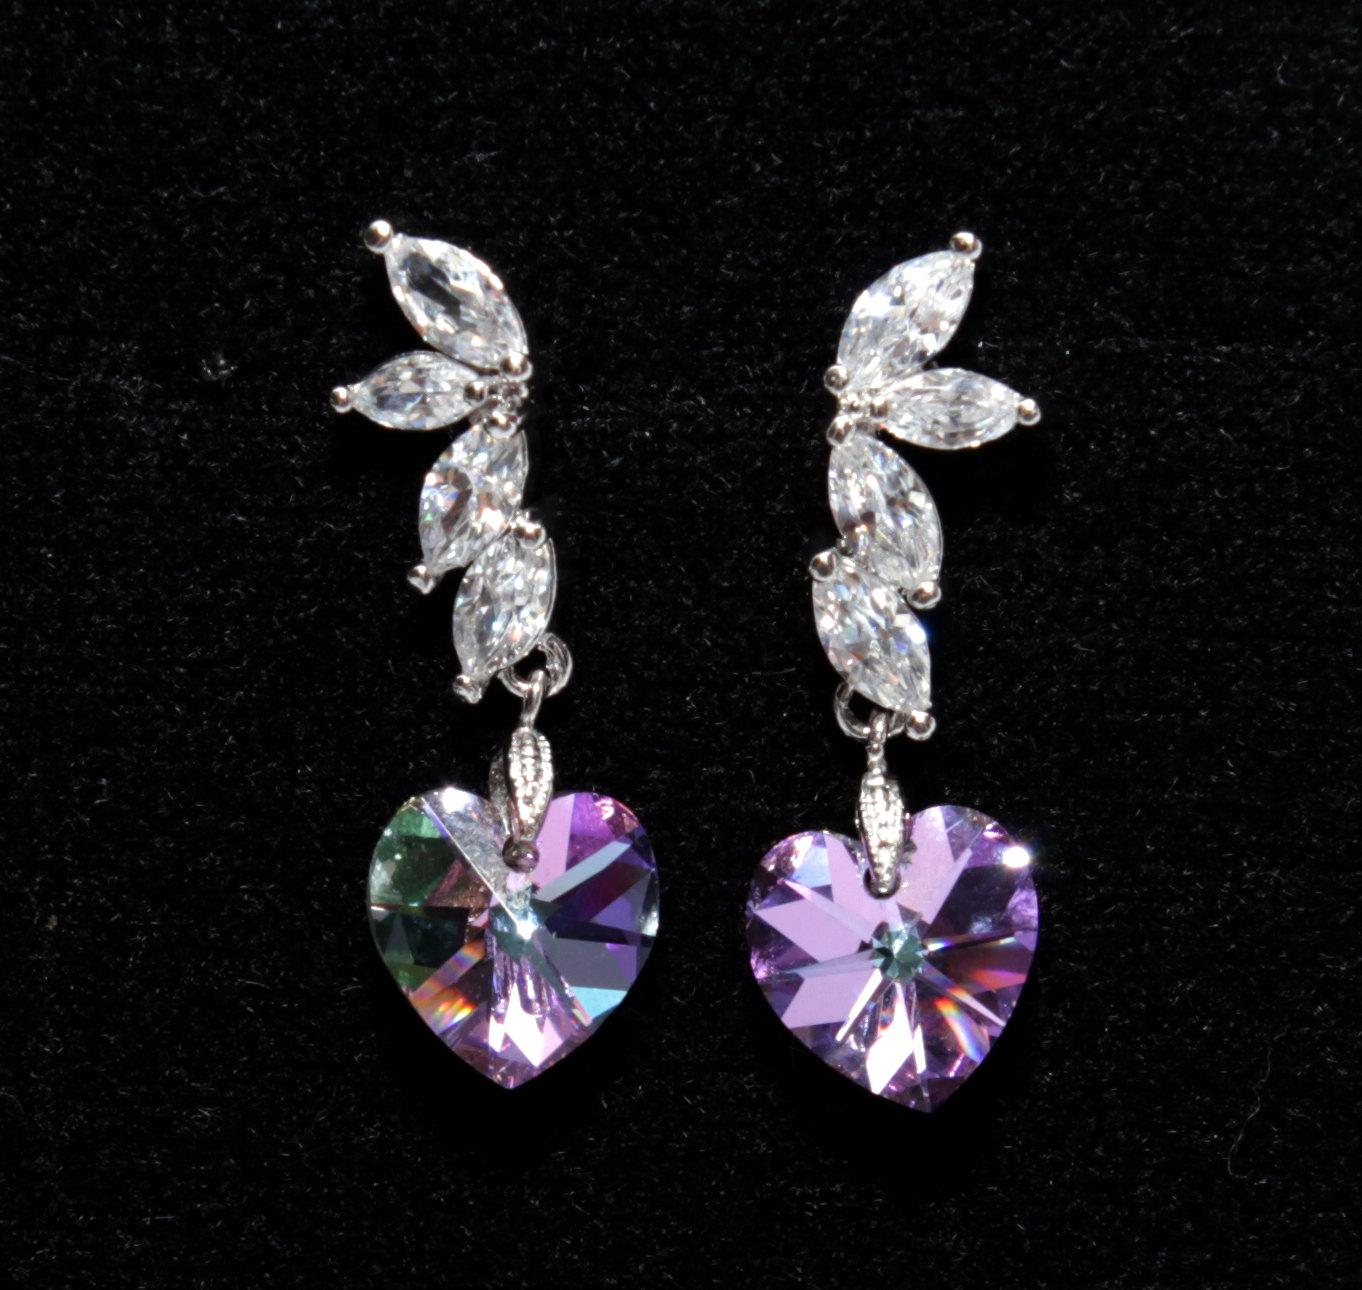 Lavender Drop Earrings from Glitz & Love